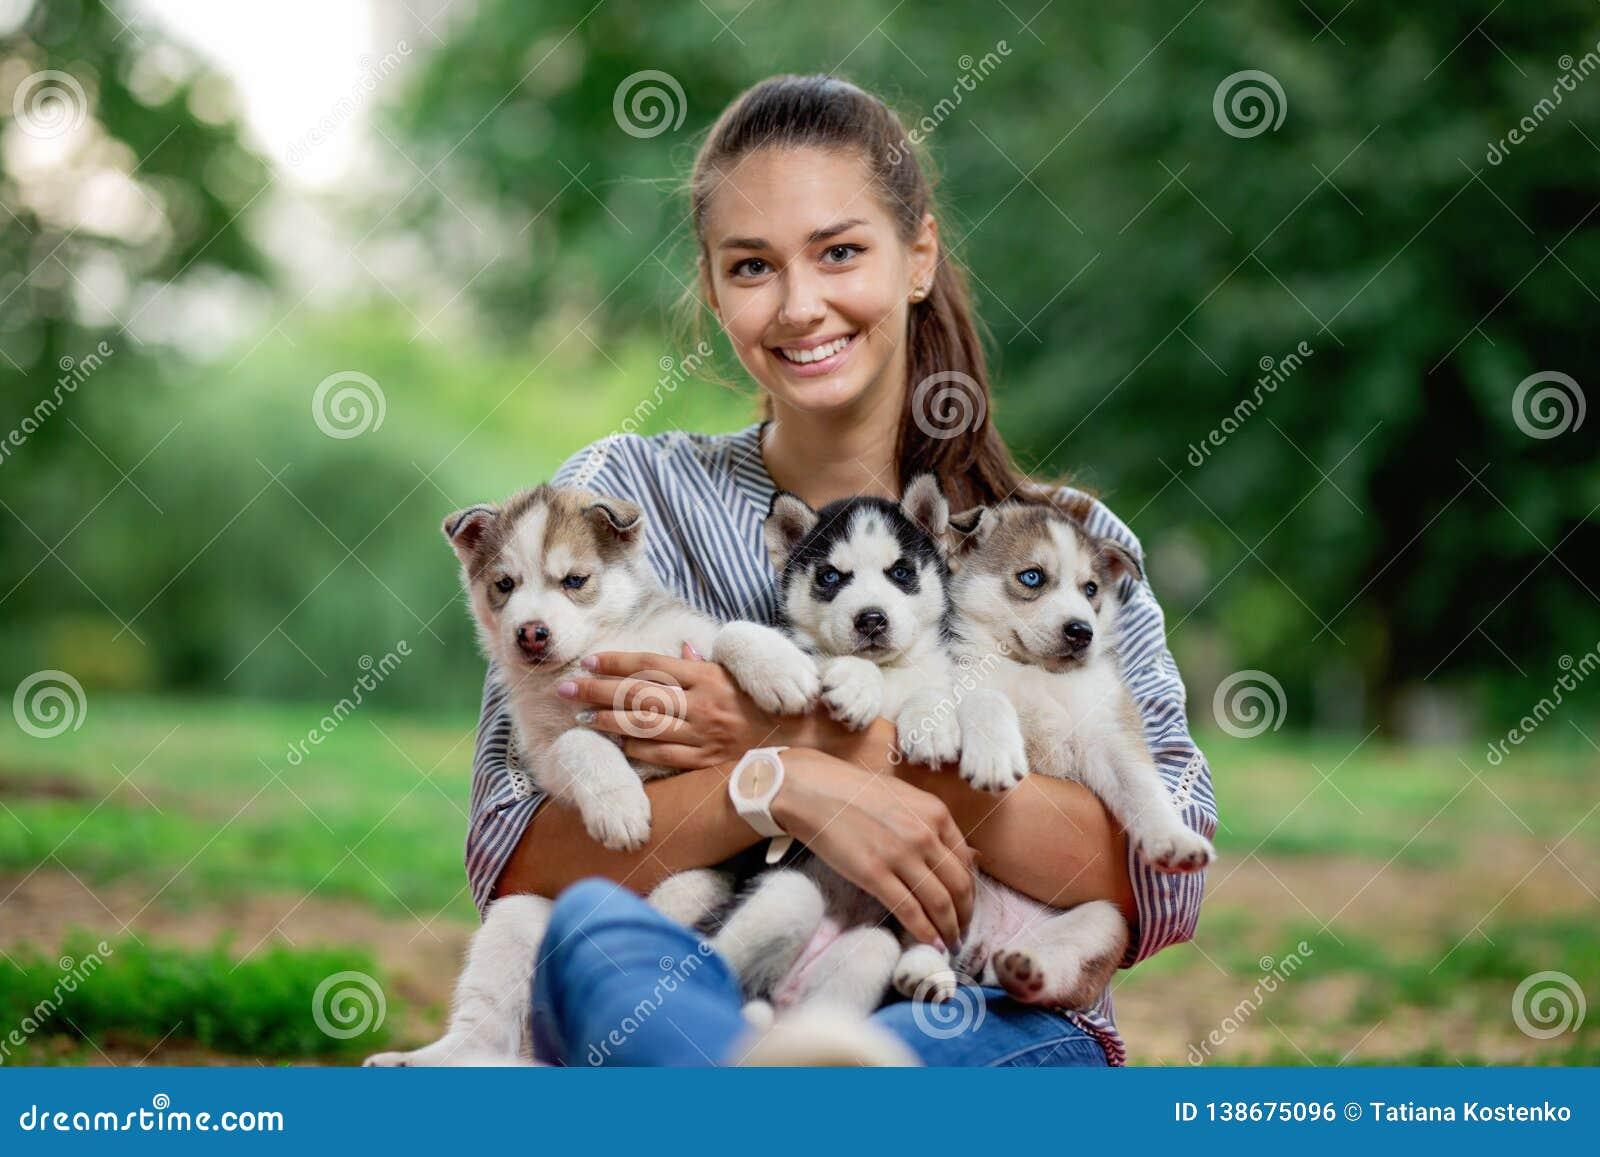 Une belle femme de sourire avec une queue de cheval et utiliser une chemise rayée tient trois chiots enroués doux sur la pelouse